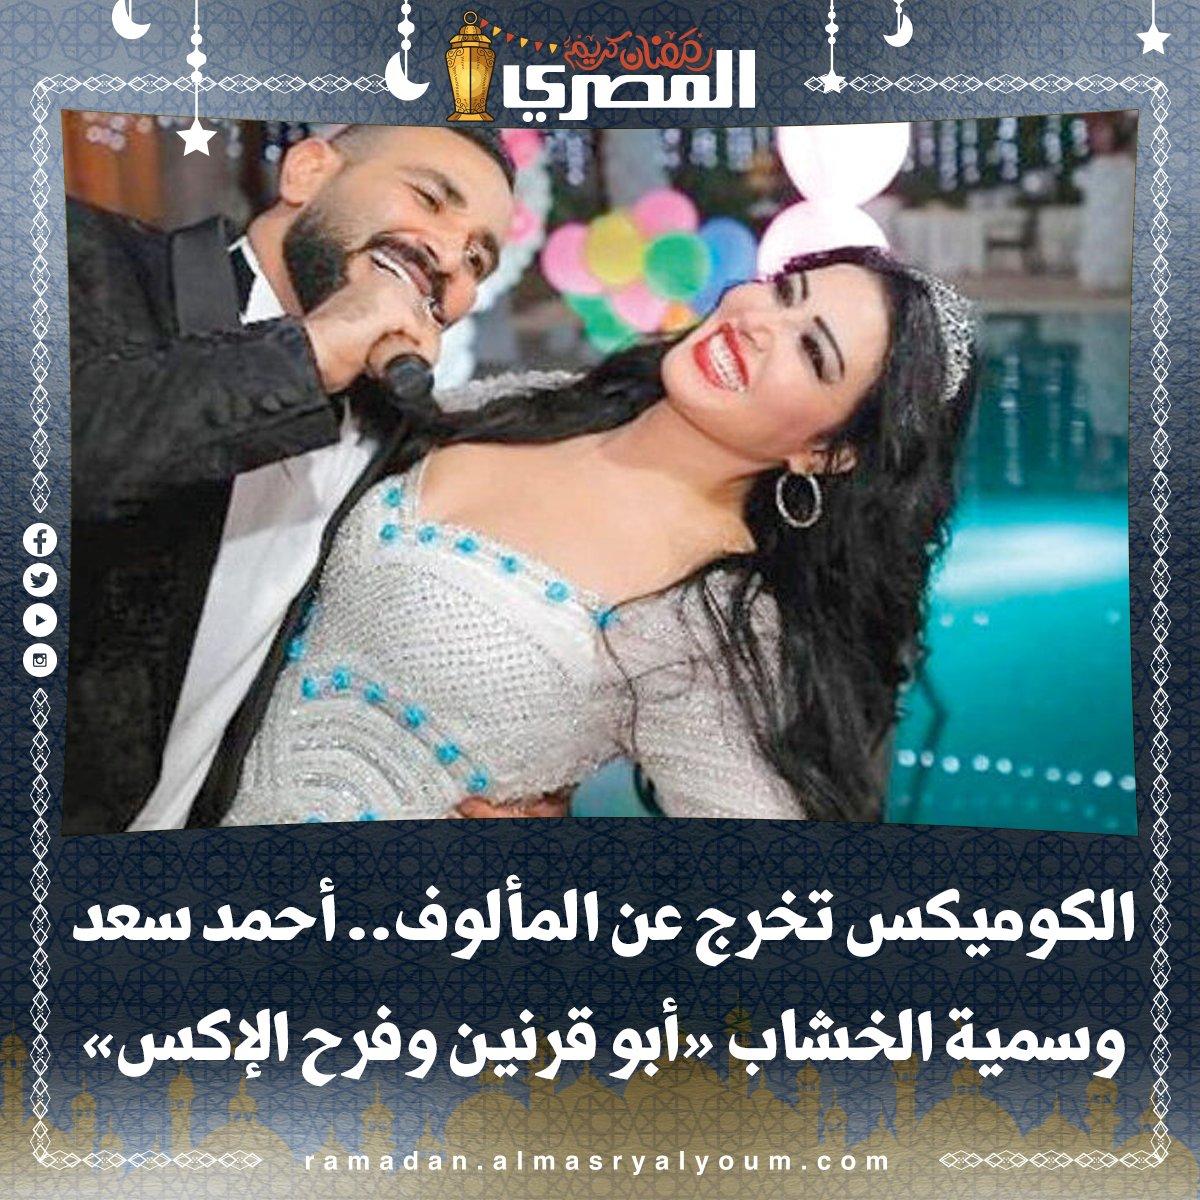 الكوميكس تخرج عن المألوف.. أحمد سعد و سمية الخشاب «أبو قرنين وفرح الإكس»